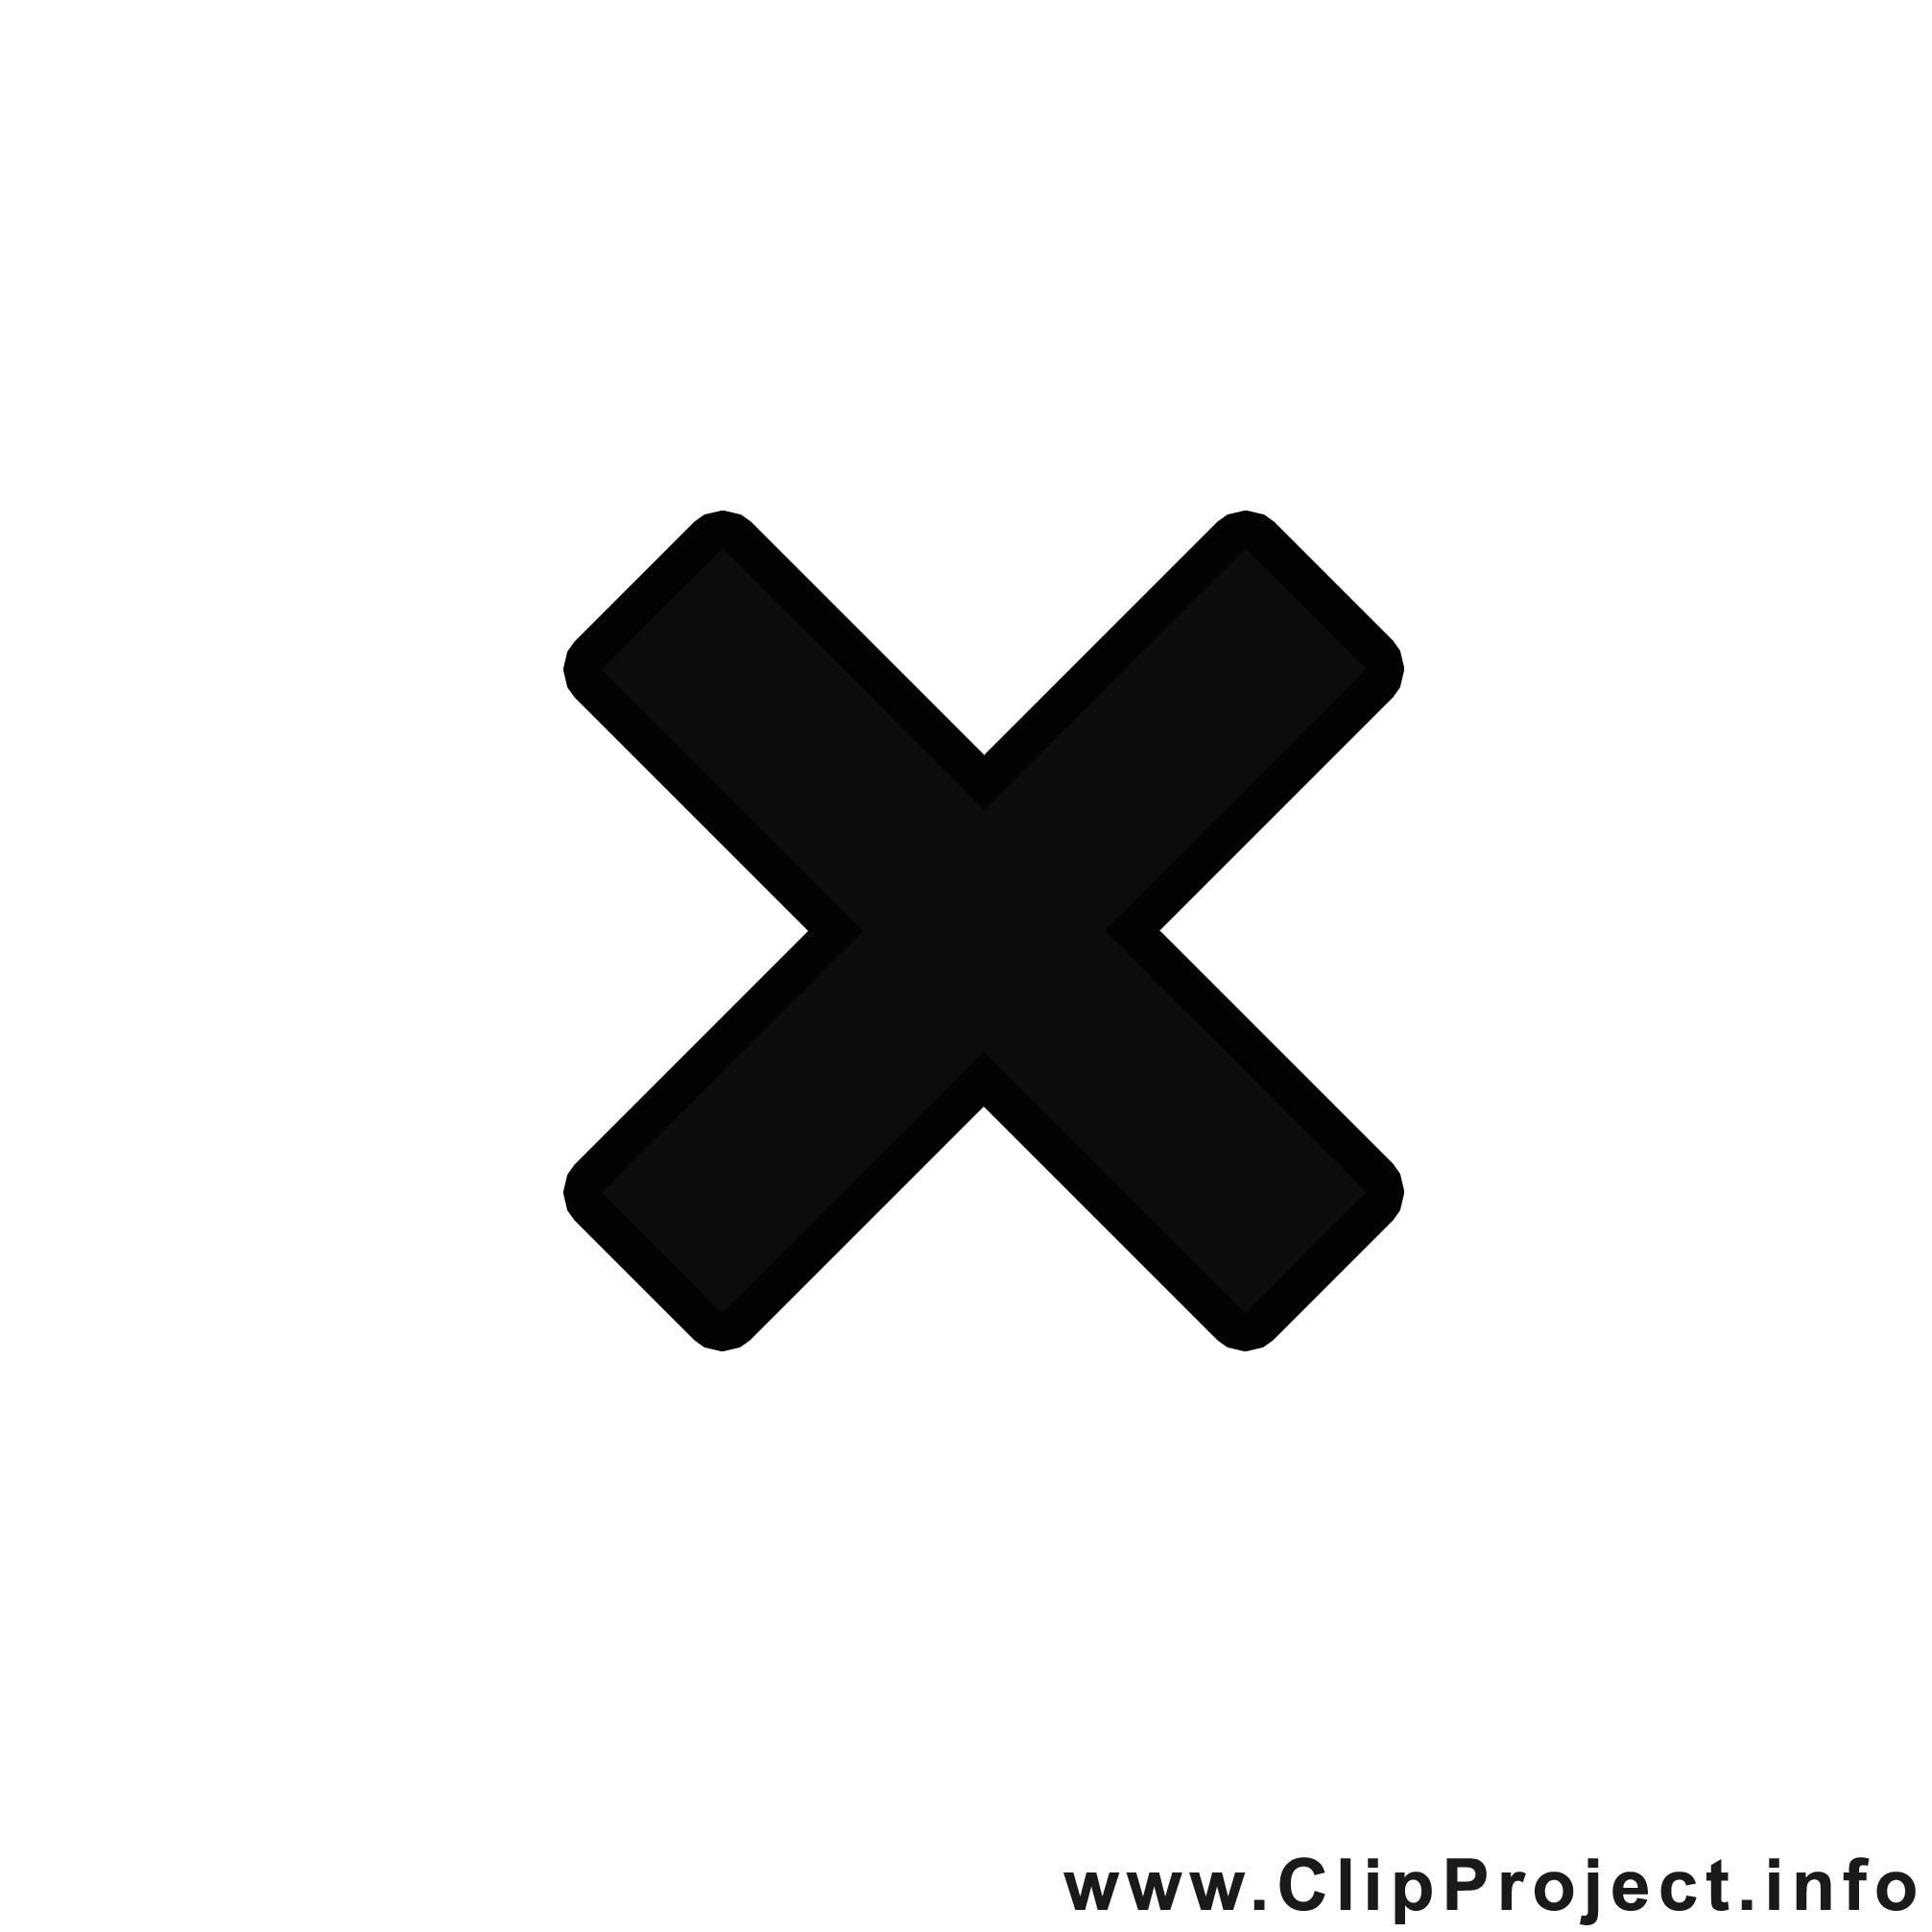 Croix images noir et blanc clip art gratuit noir et for Art minimaliste noir et blanc